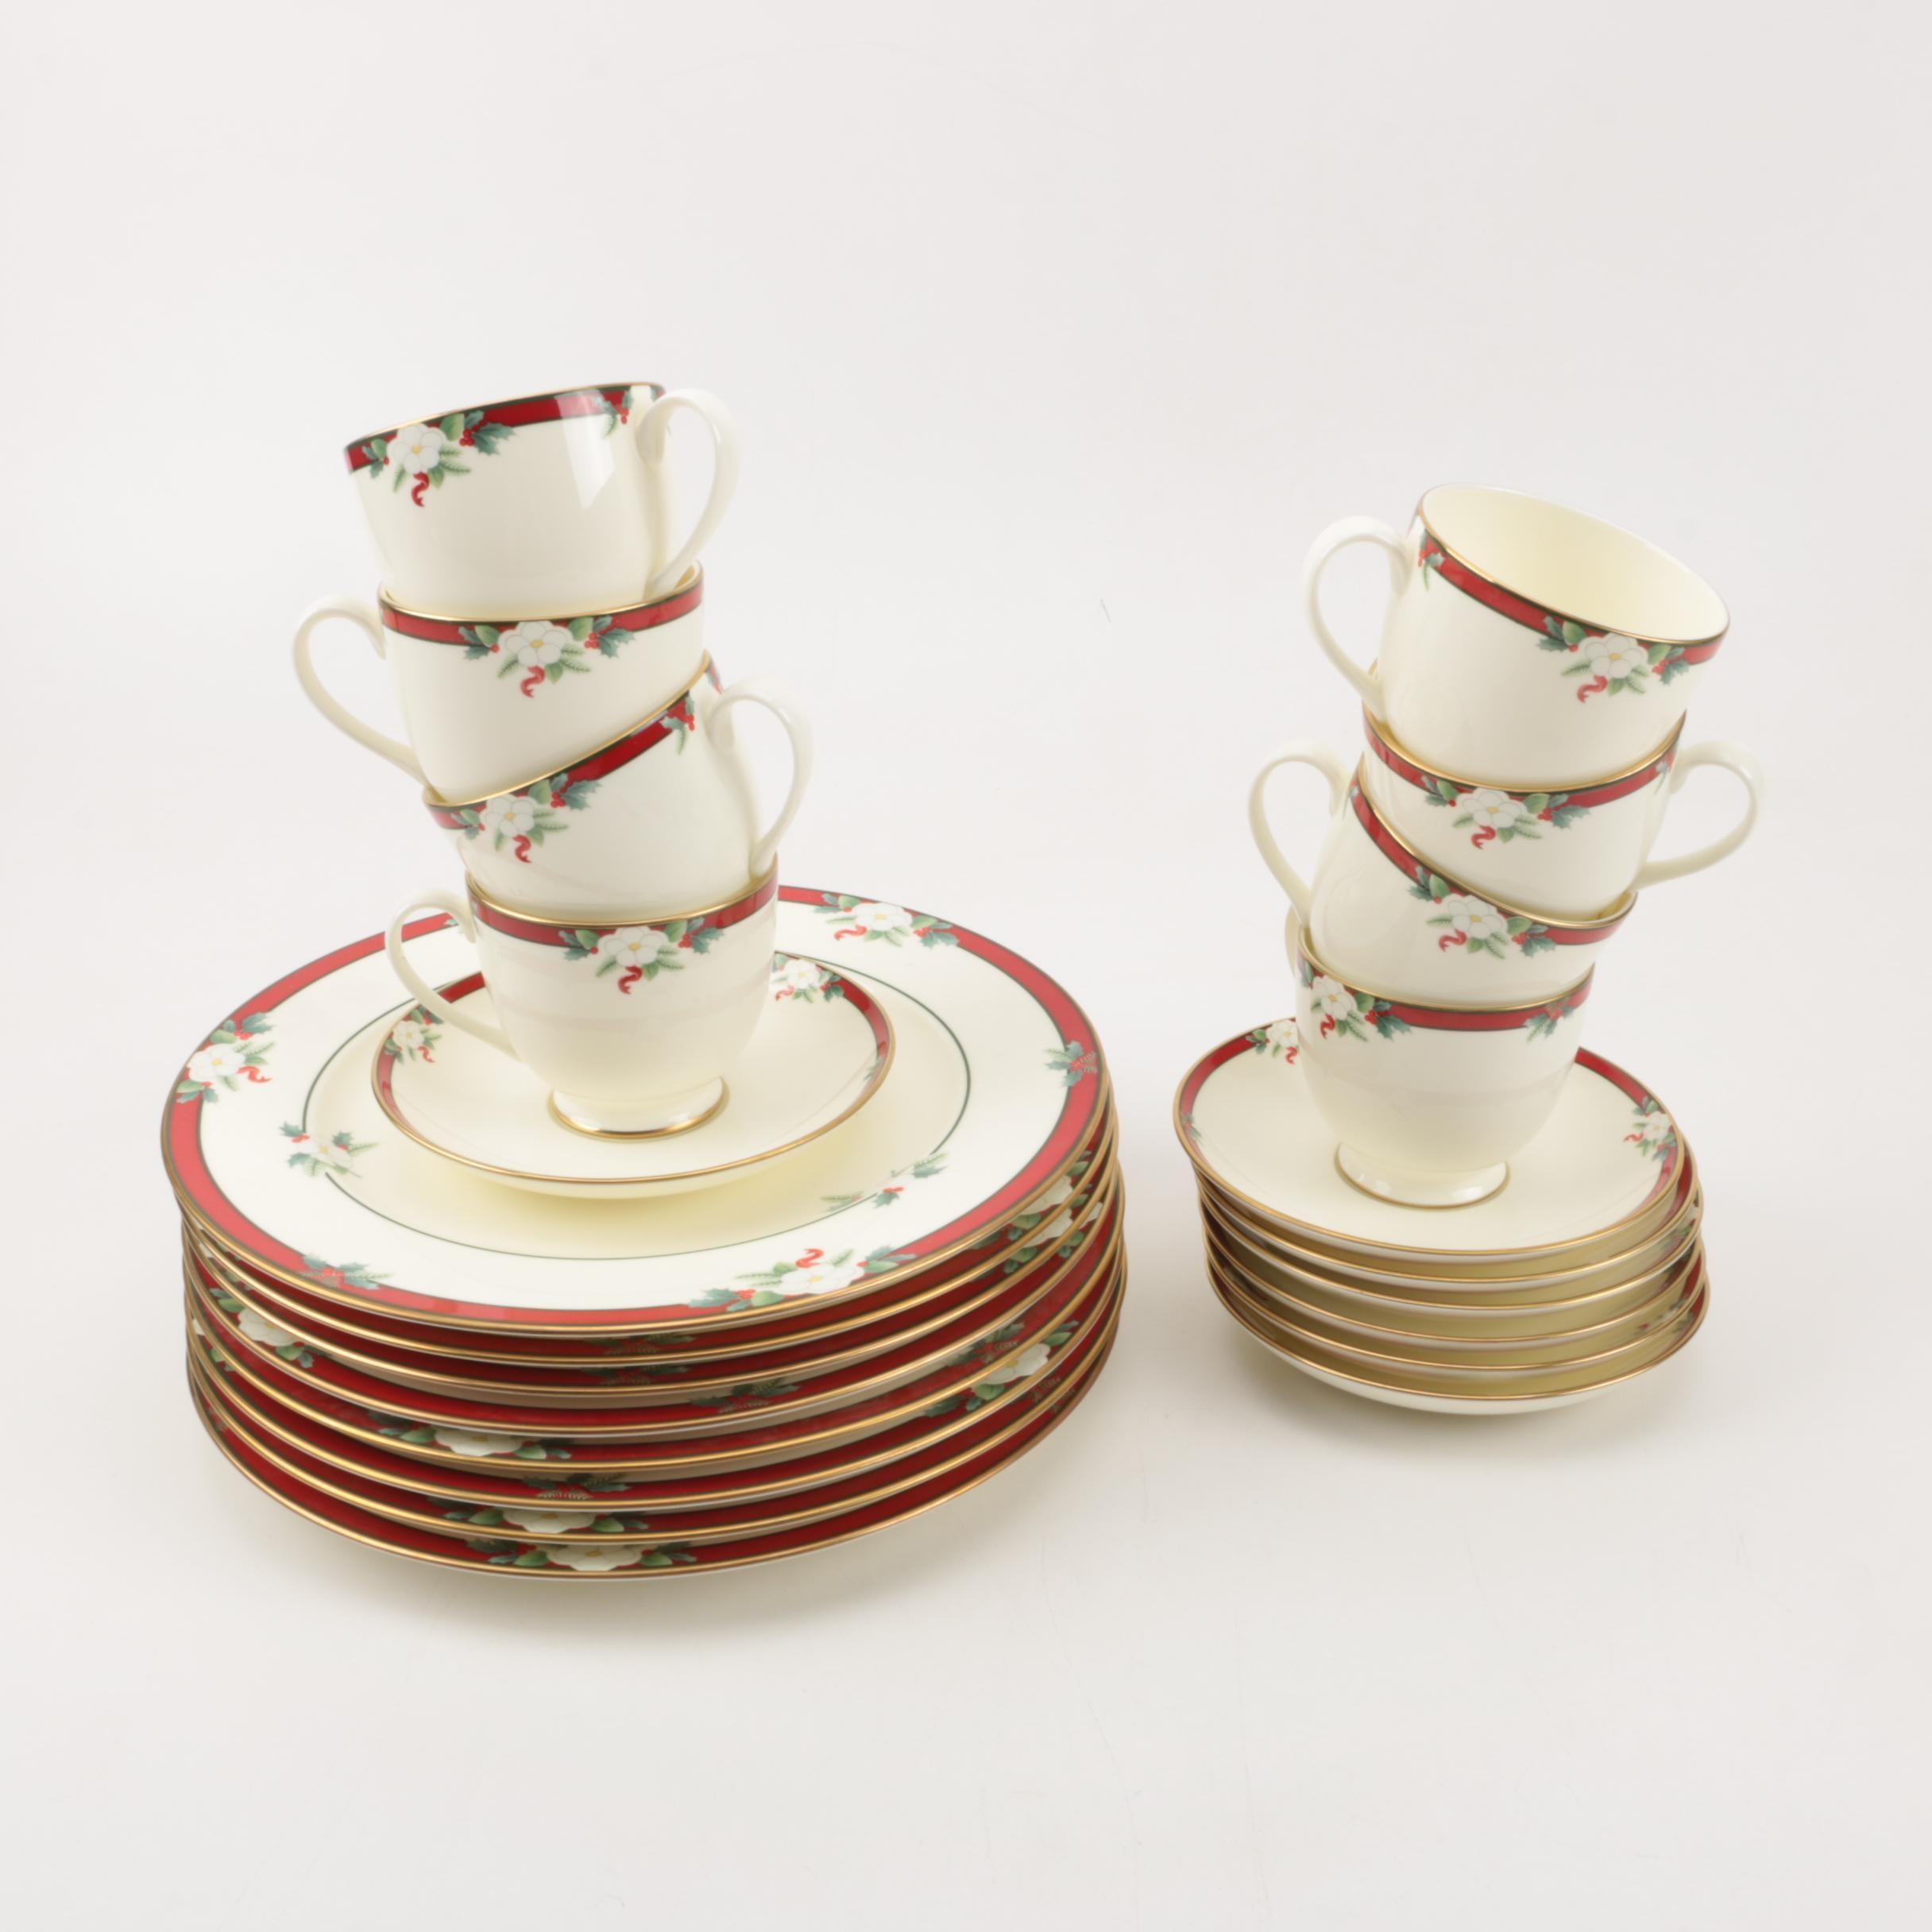 Pfaltzgraff \ Yuletide\  Dinner Plates Cups and Saucers ... & Pfaltzgraff \